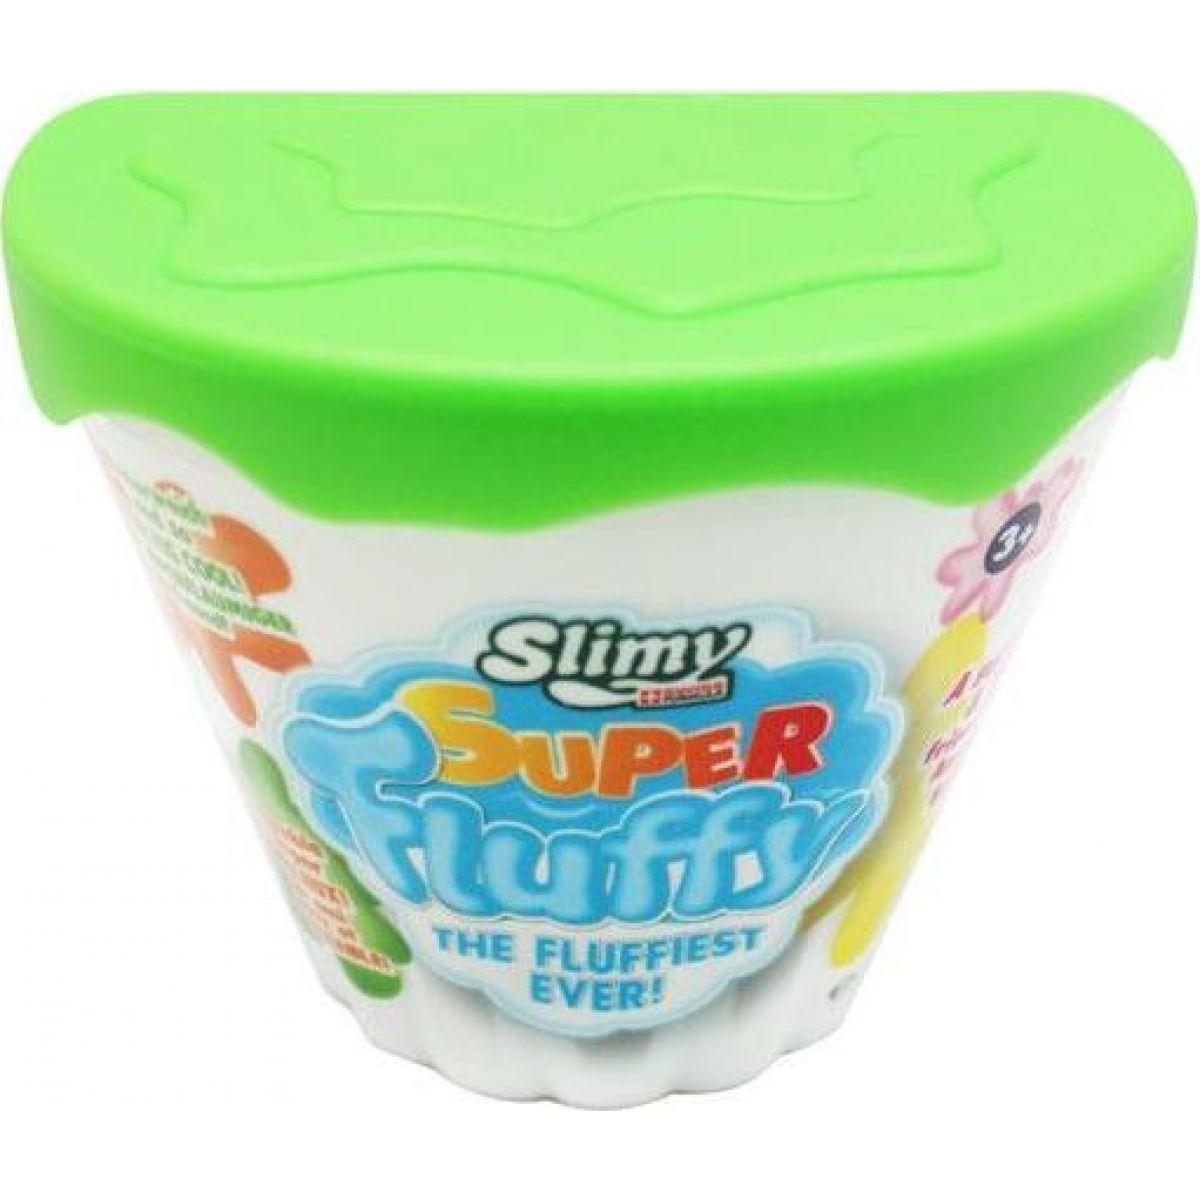 Slimy super měkký sliz 100g zelený